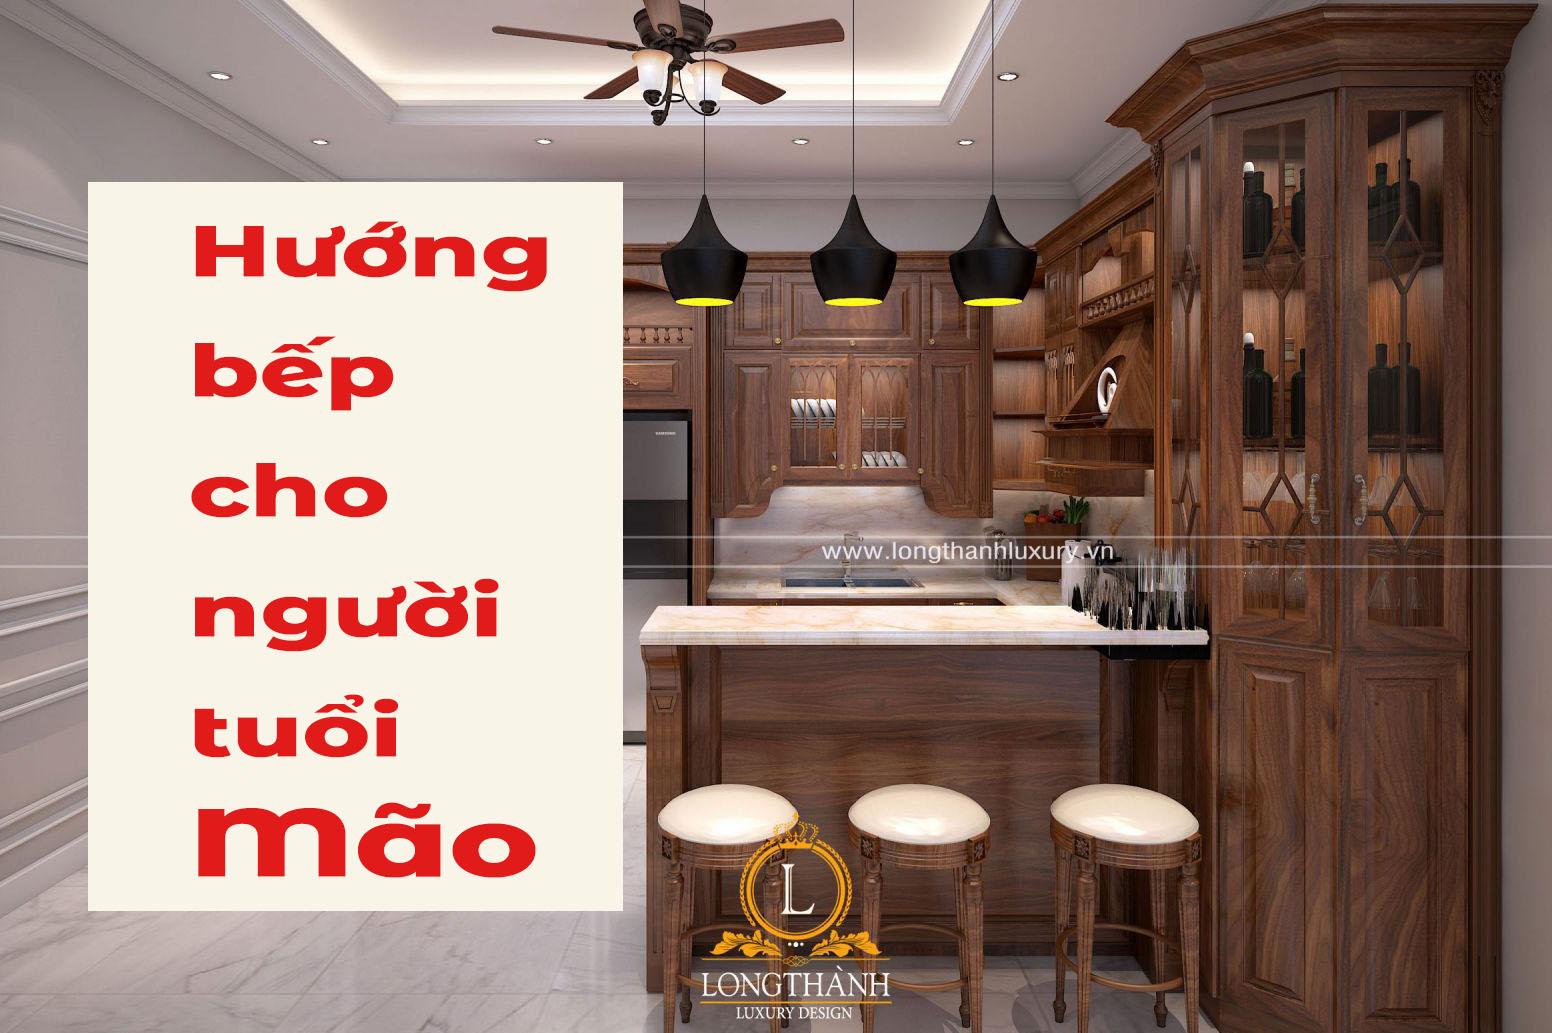 Hướng dẫn lựa chọn hướng bếp cho người tuổi Mão